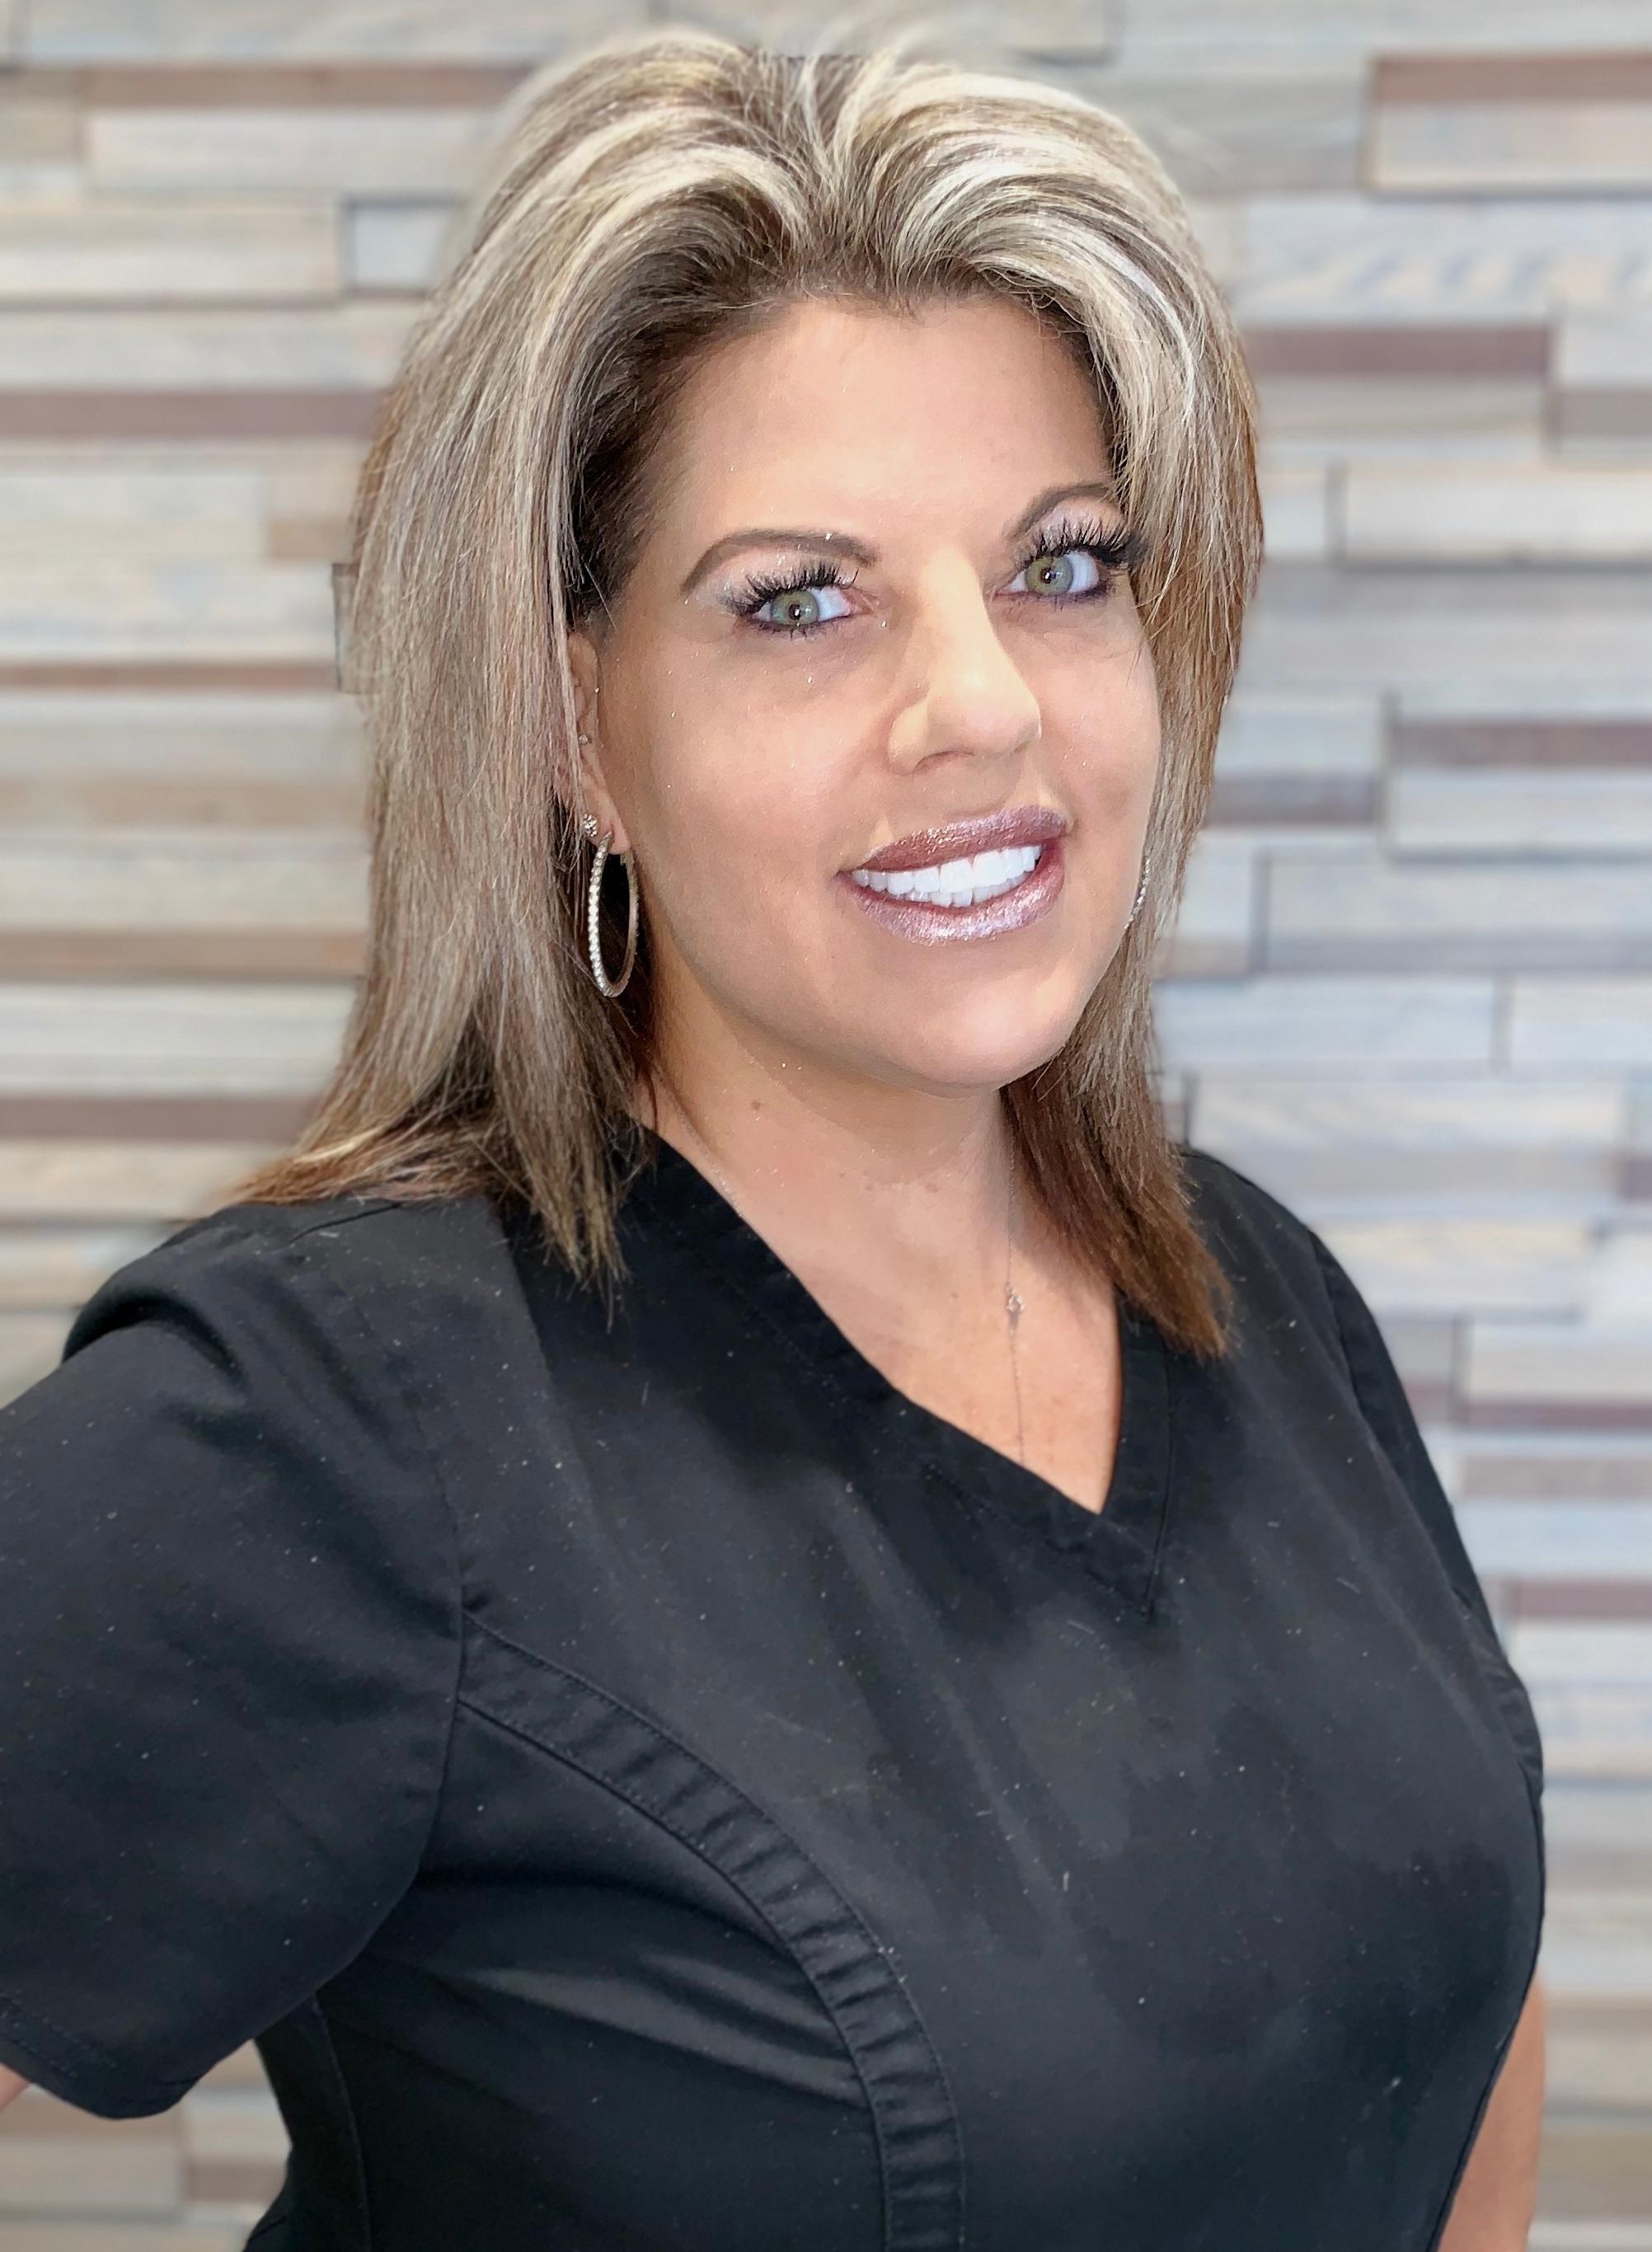 Kerri Pittman, Dental Hygienist